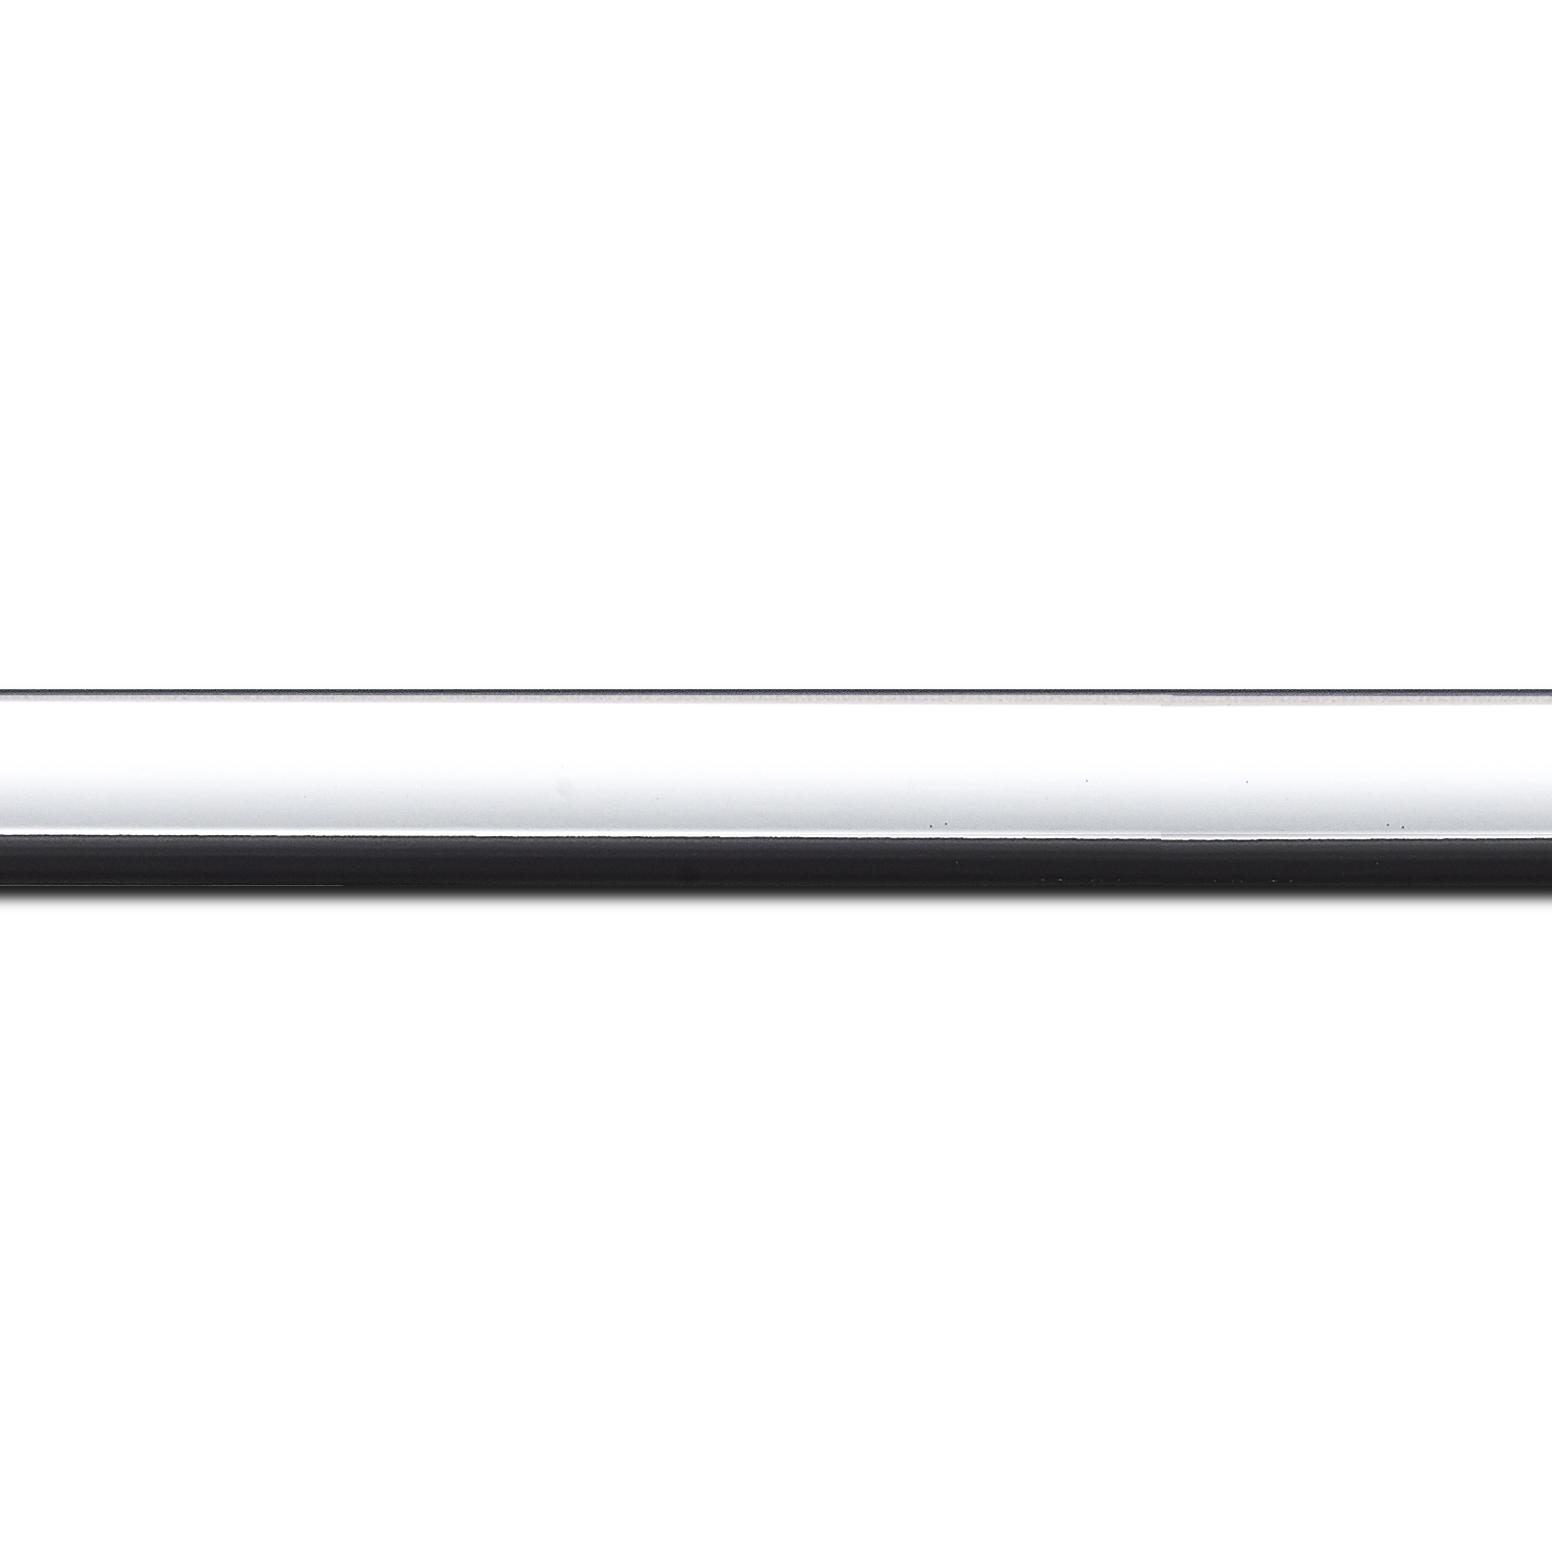 Pack par 12m, bois profil arrondi largeur 2.1cm  couleur blanc mat filet noir  (longueur baguette pouvant varier entre 2.40m et 3m selon arrivage des bois)